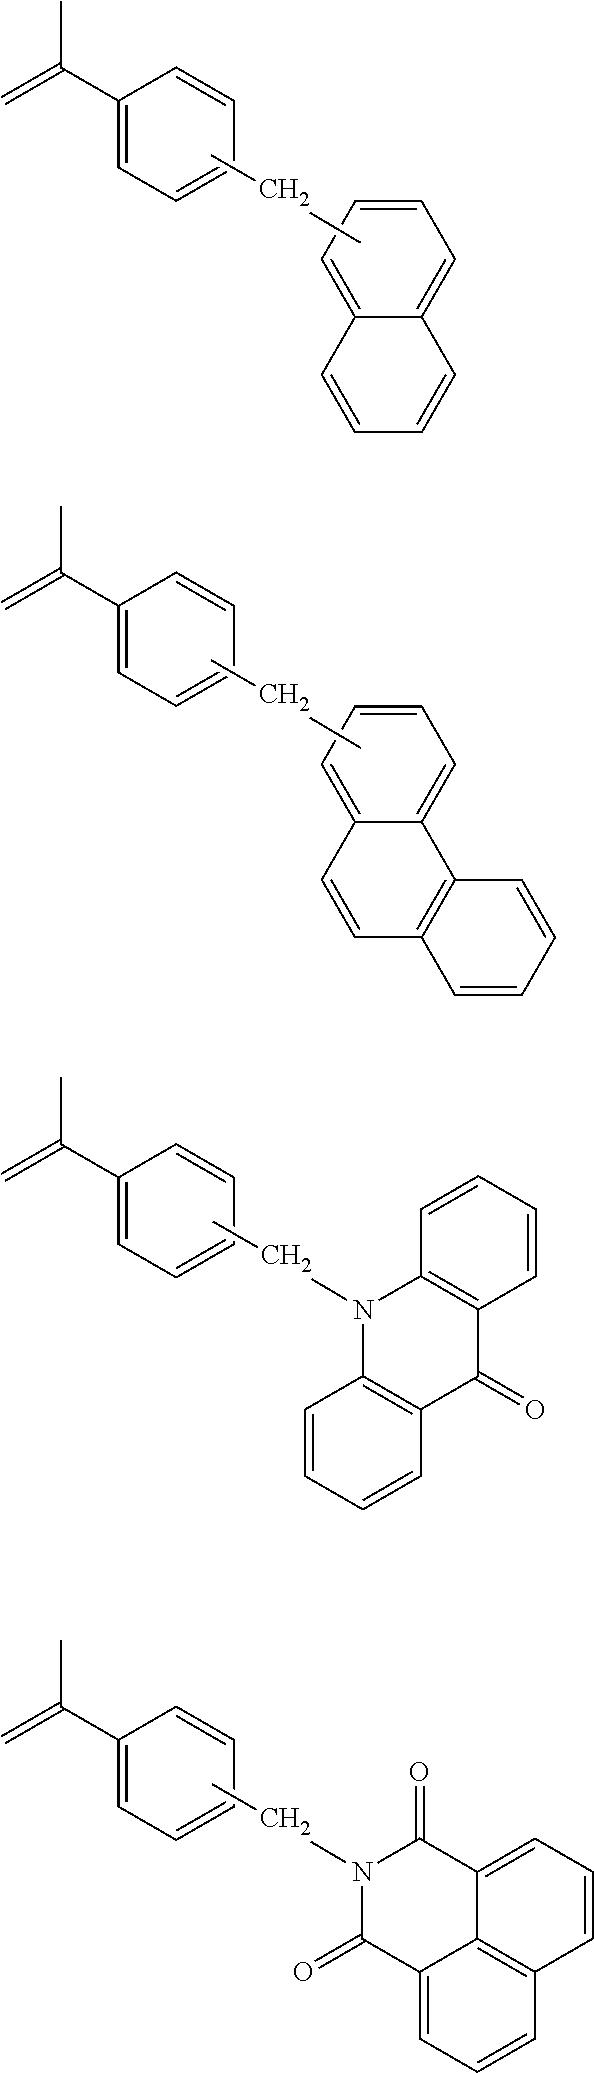 Figure US09714356-20170725-C00002